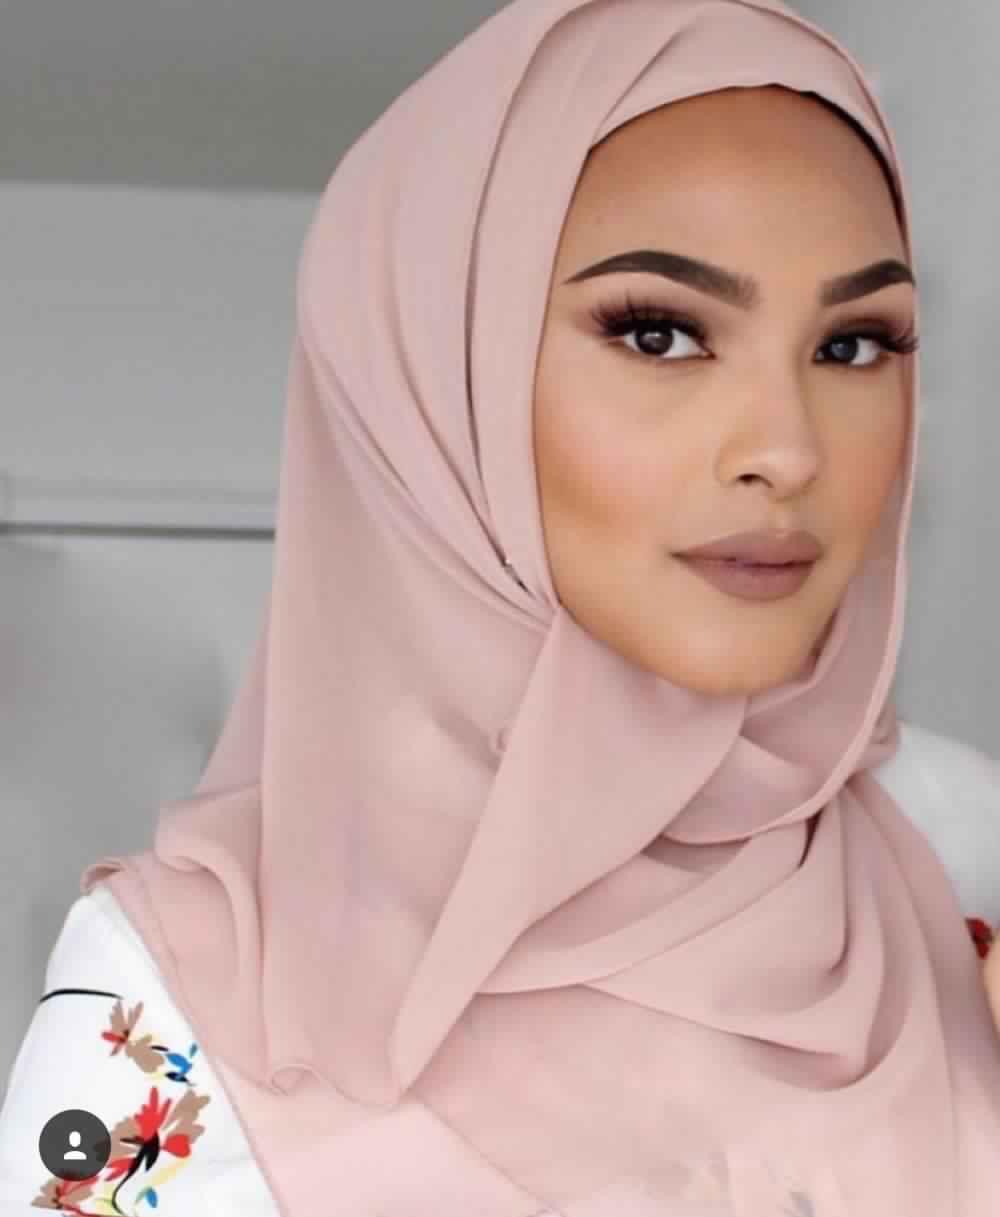 facon-de-hijab-5